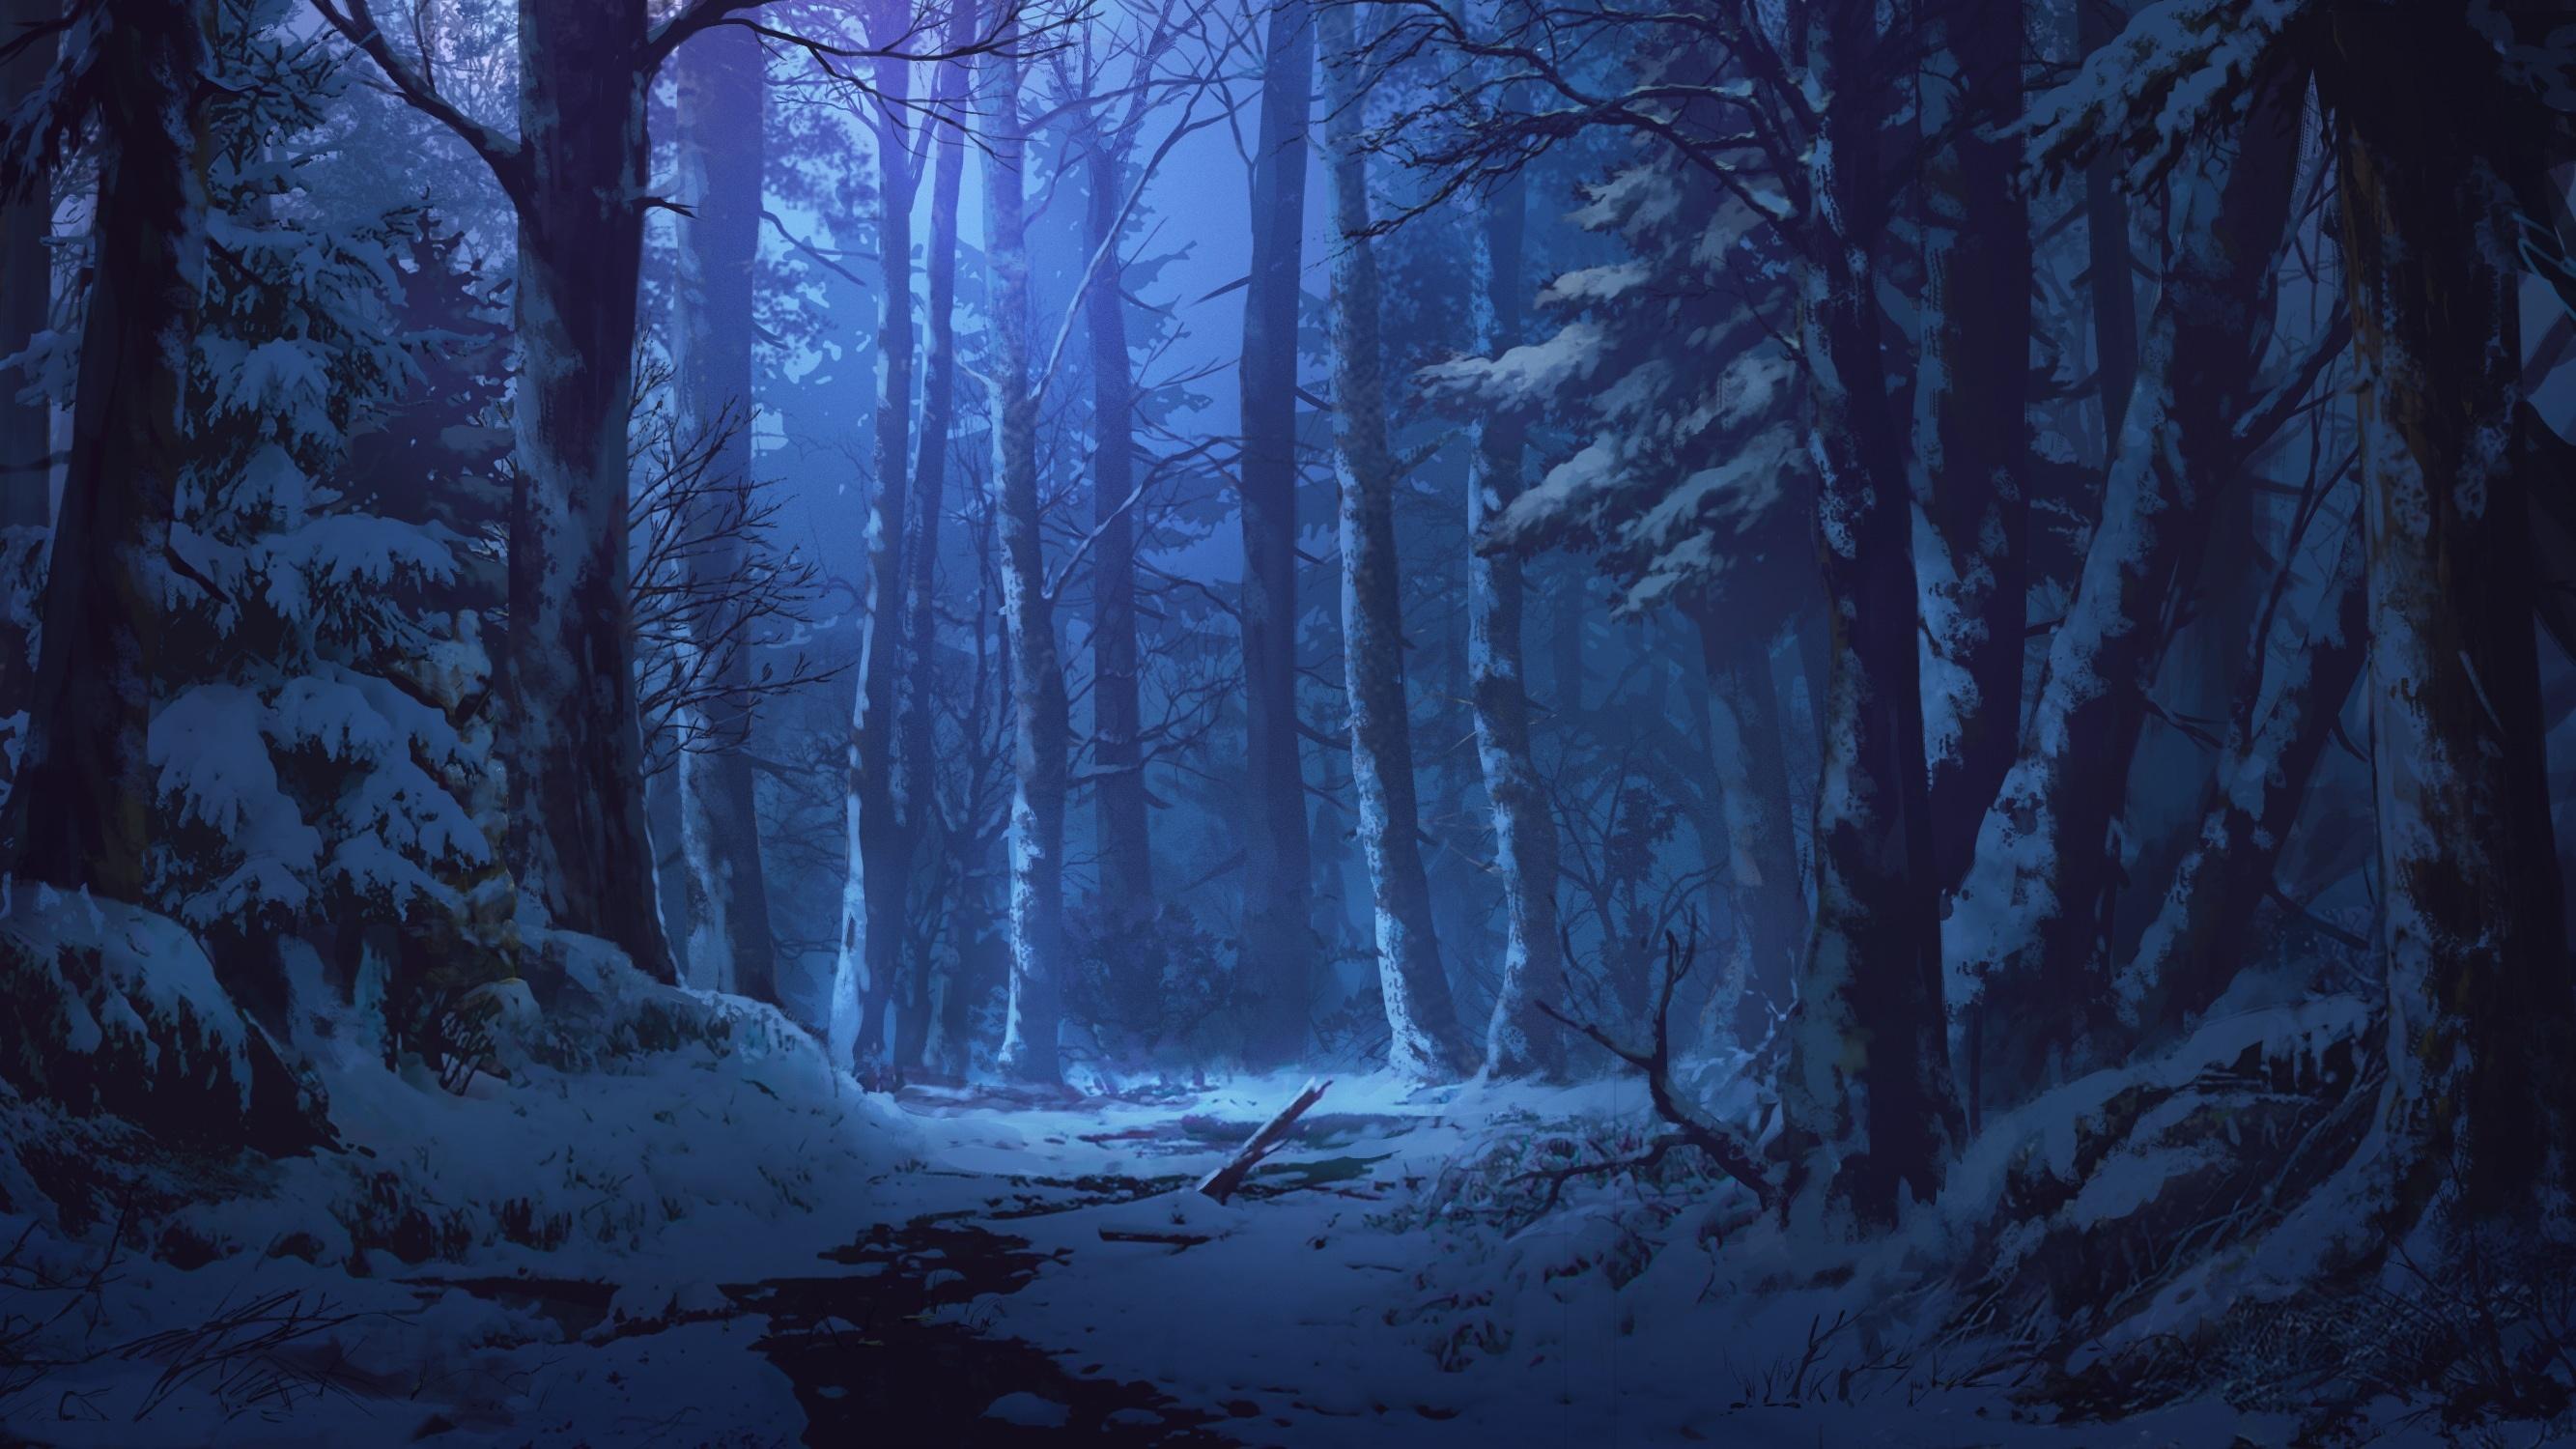 сексуальных обои на рабочий стол зимний лес ночью они проходят, поэтому